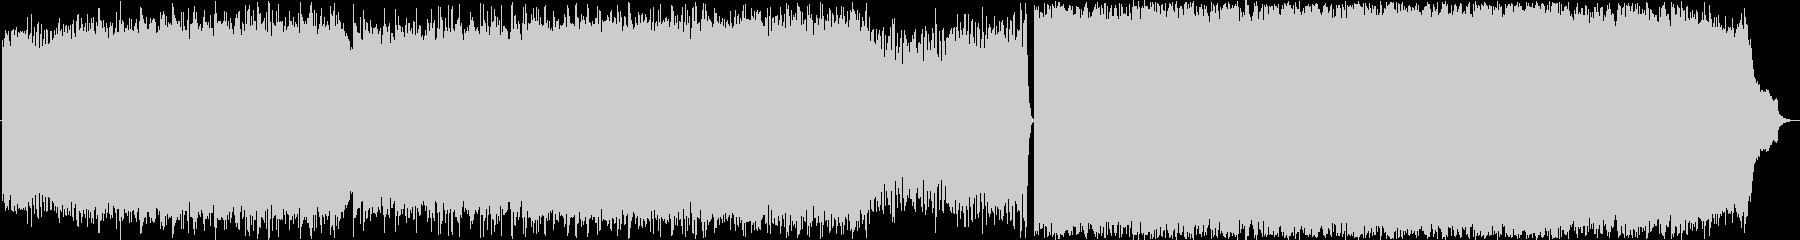 ピアノシンセストリングス 切ないバラードの未再生の波形